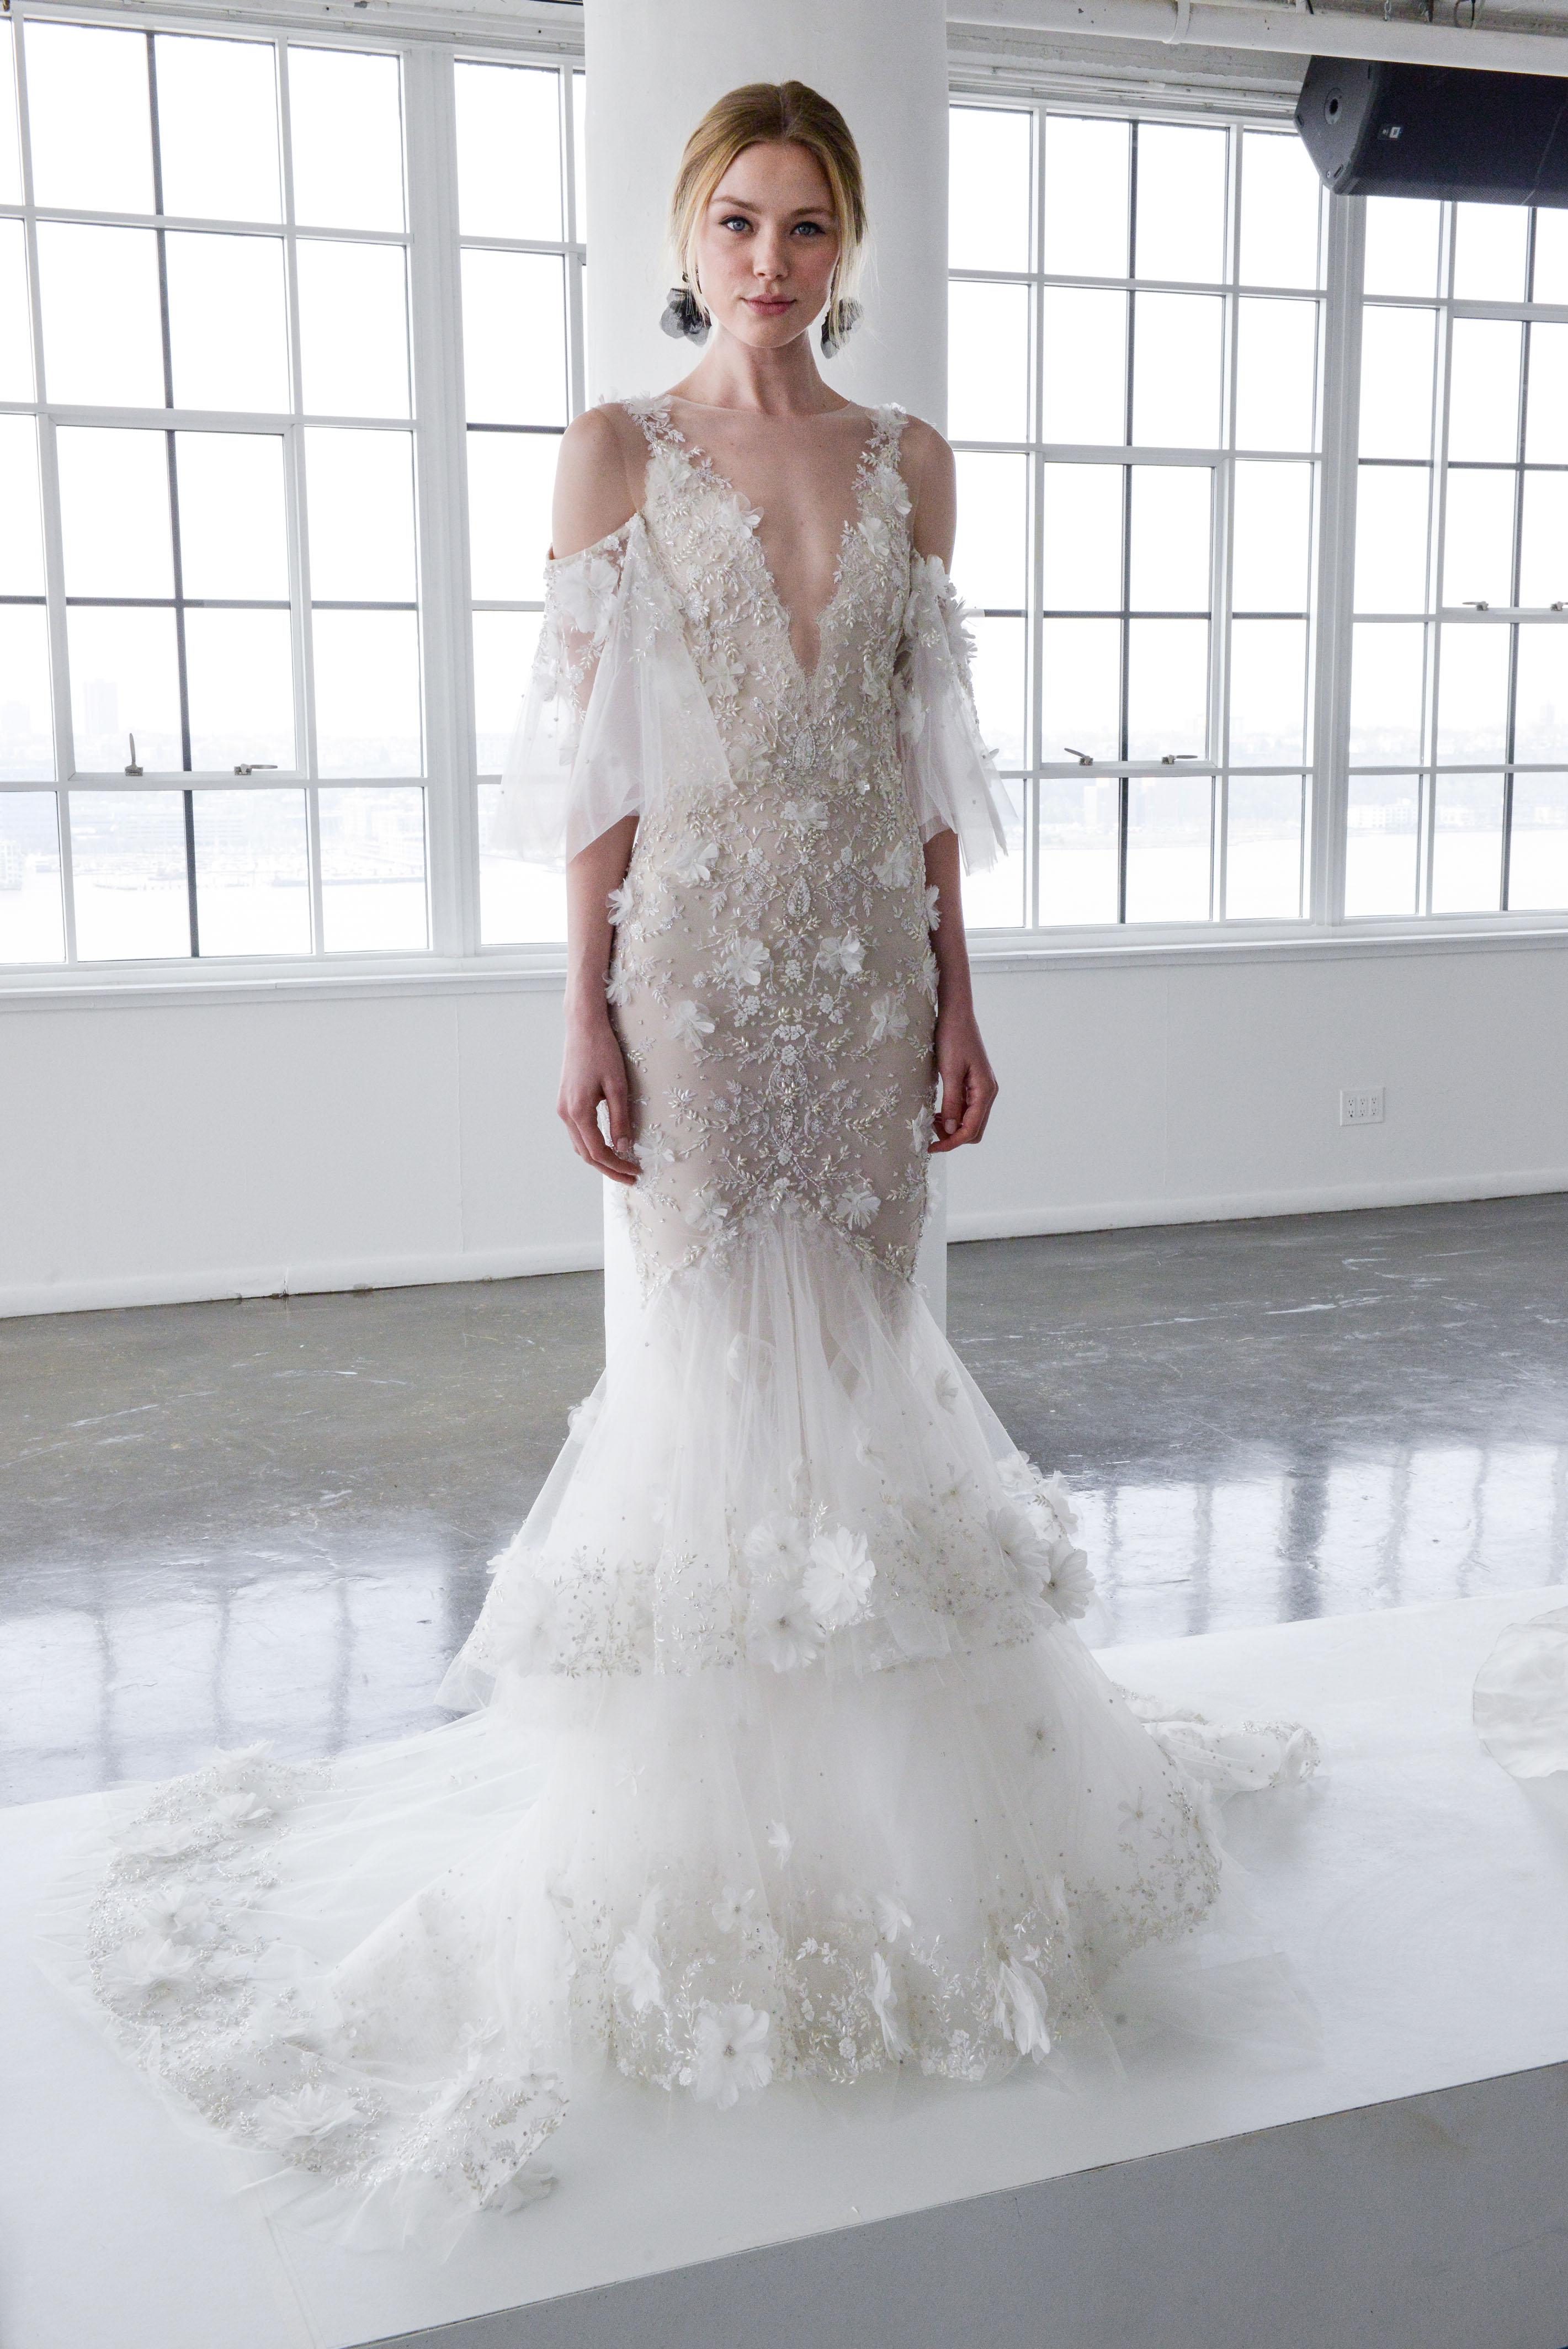 marchesa spring 2018 mermaid wedding dress with a deep v-neckline